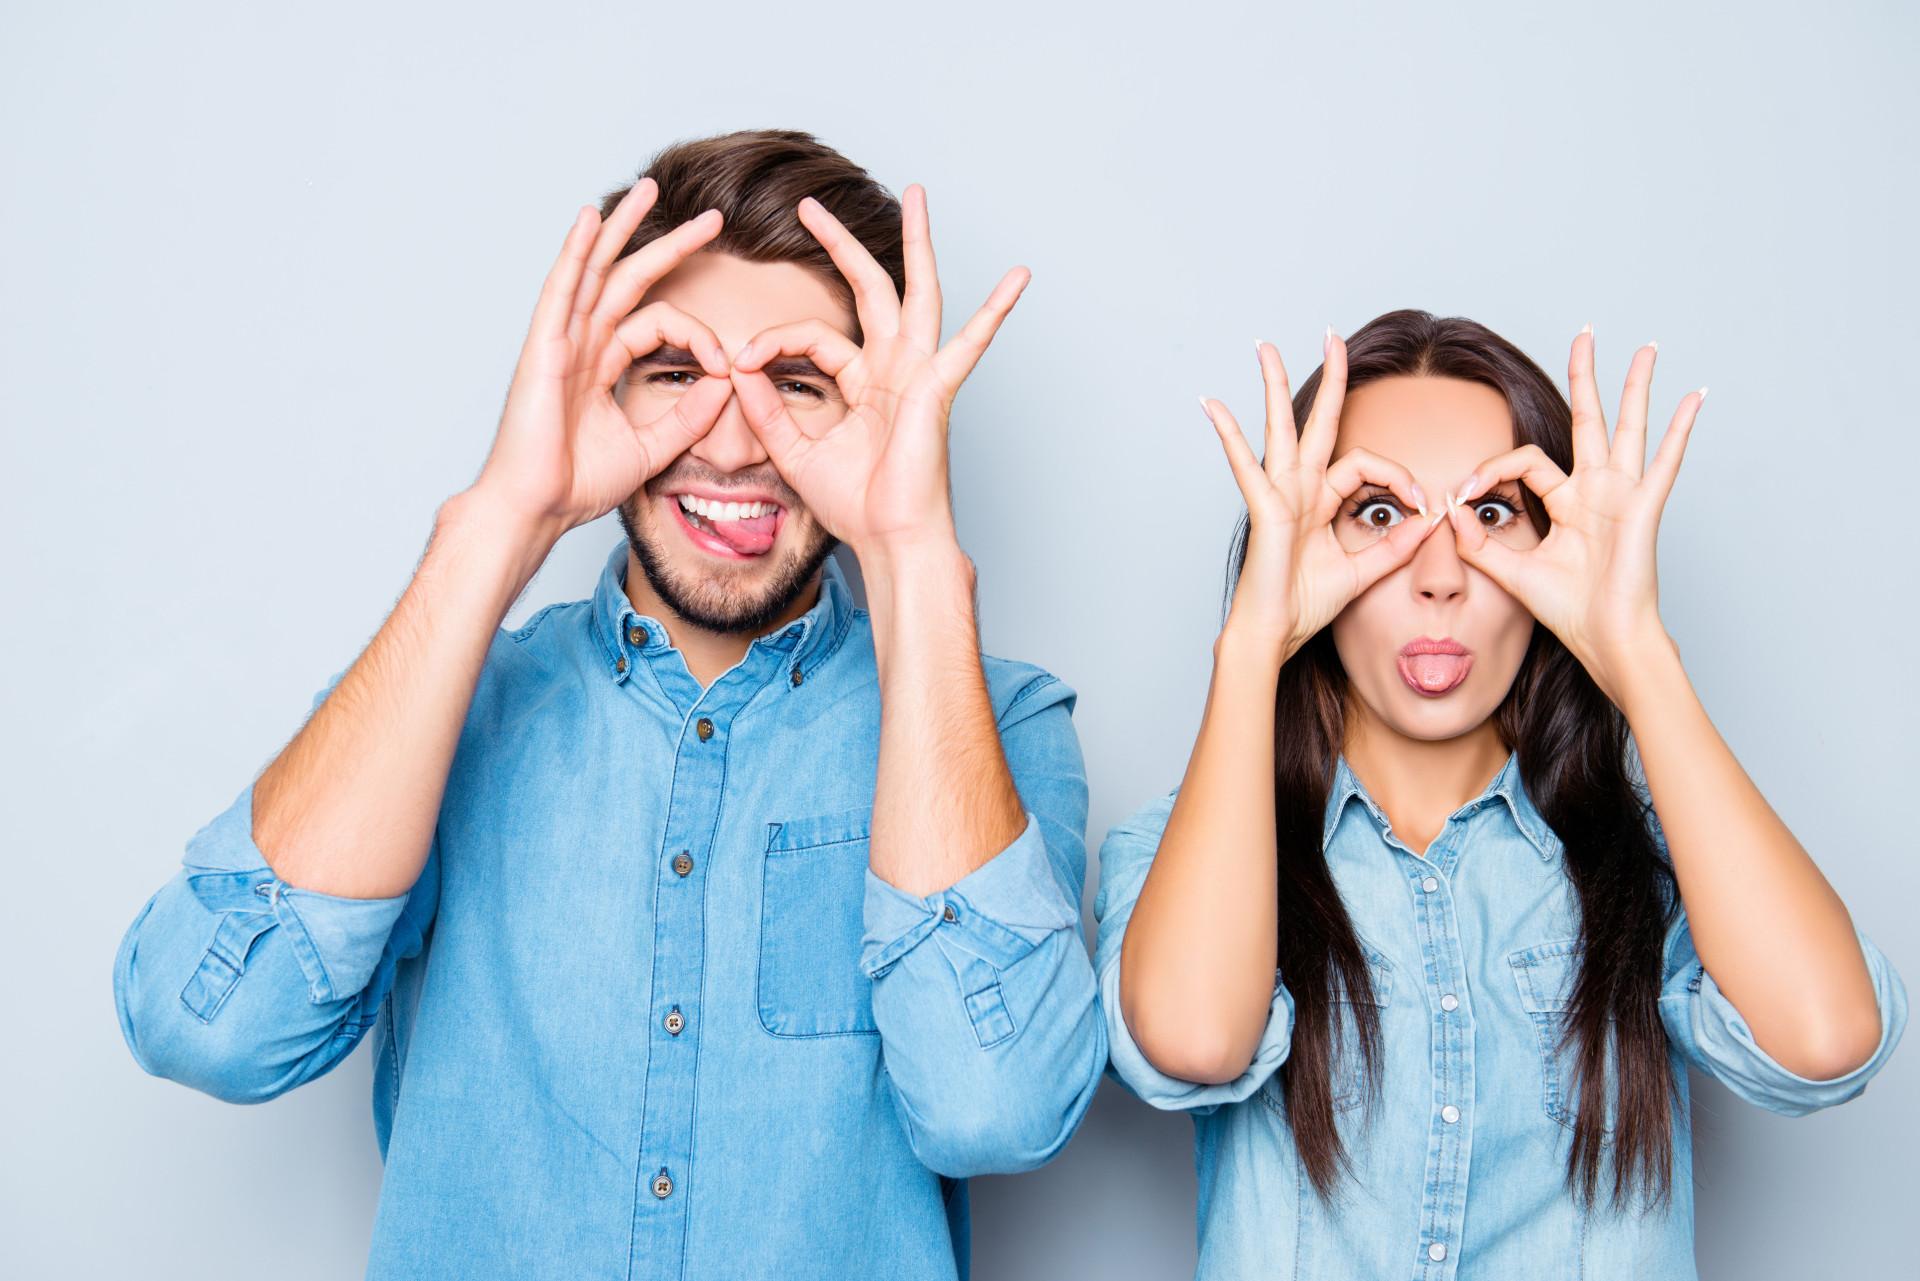 Os hábitos diários que deve deixar de lado. Aprenda a dizer 'não'